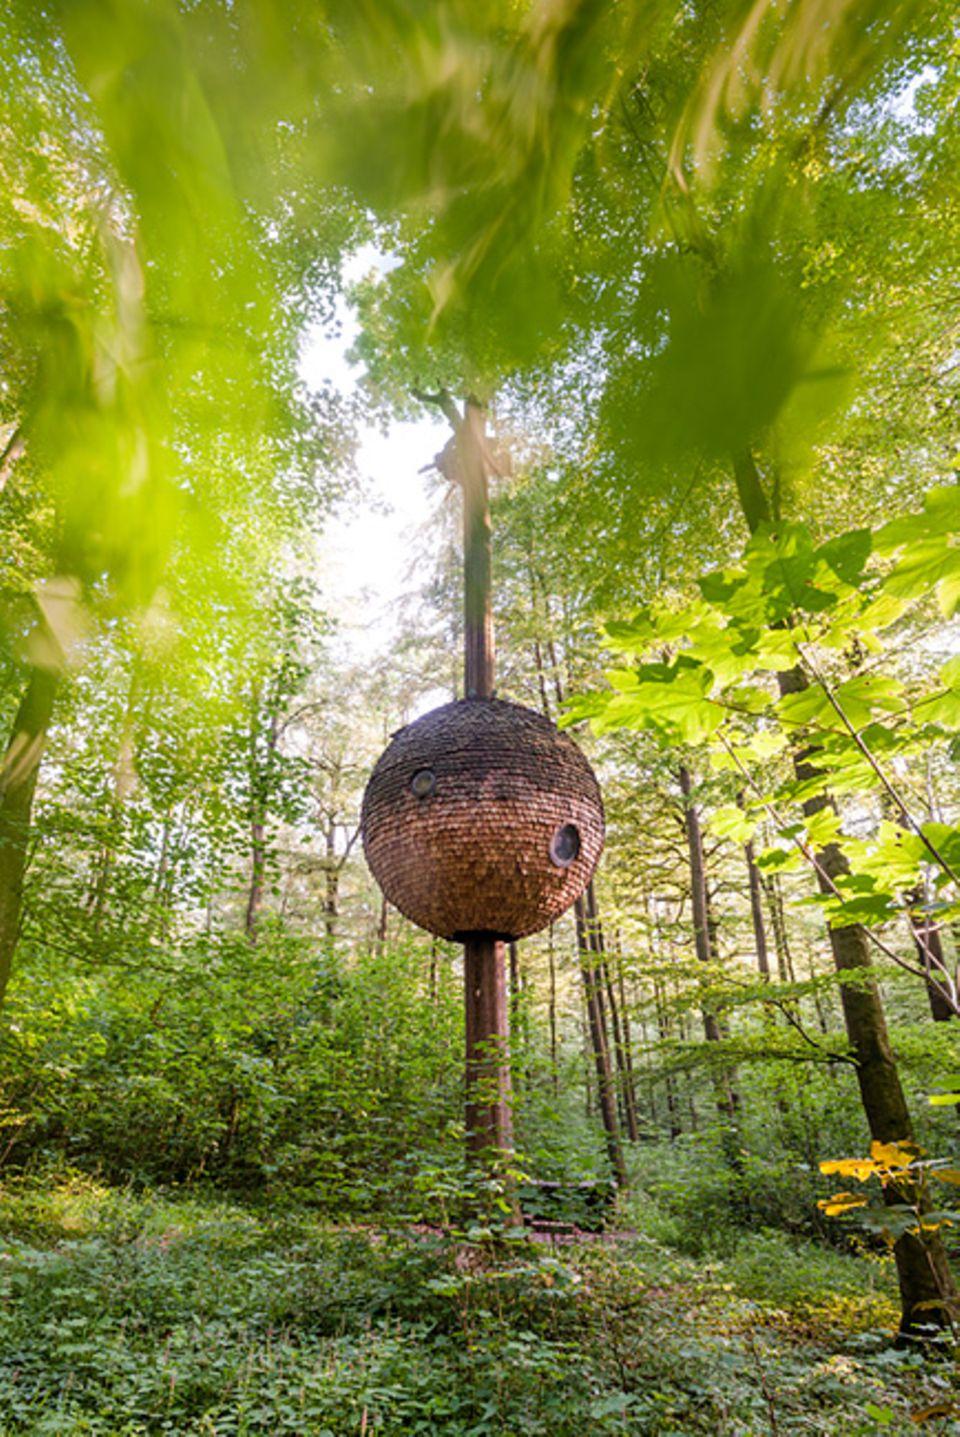 Deutschland neu entdecken: Das Baumhaus auf dem Nieheimer Kunstpfad ist eins der Bauwerke des internationalen Kunstprojekts. Alle Objekte sind ortsbezogen und sollen die Natur so wenig wie möglich verändern